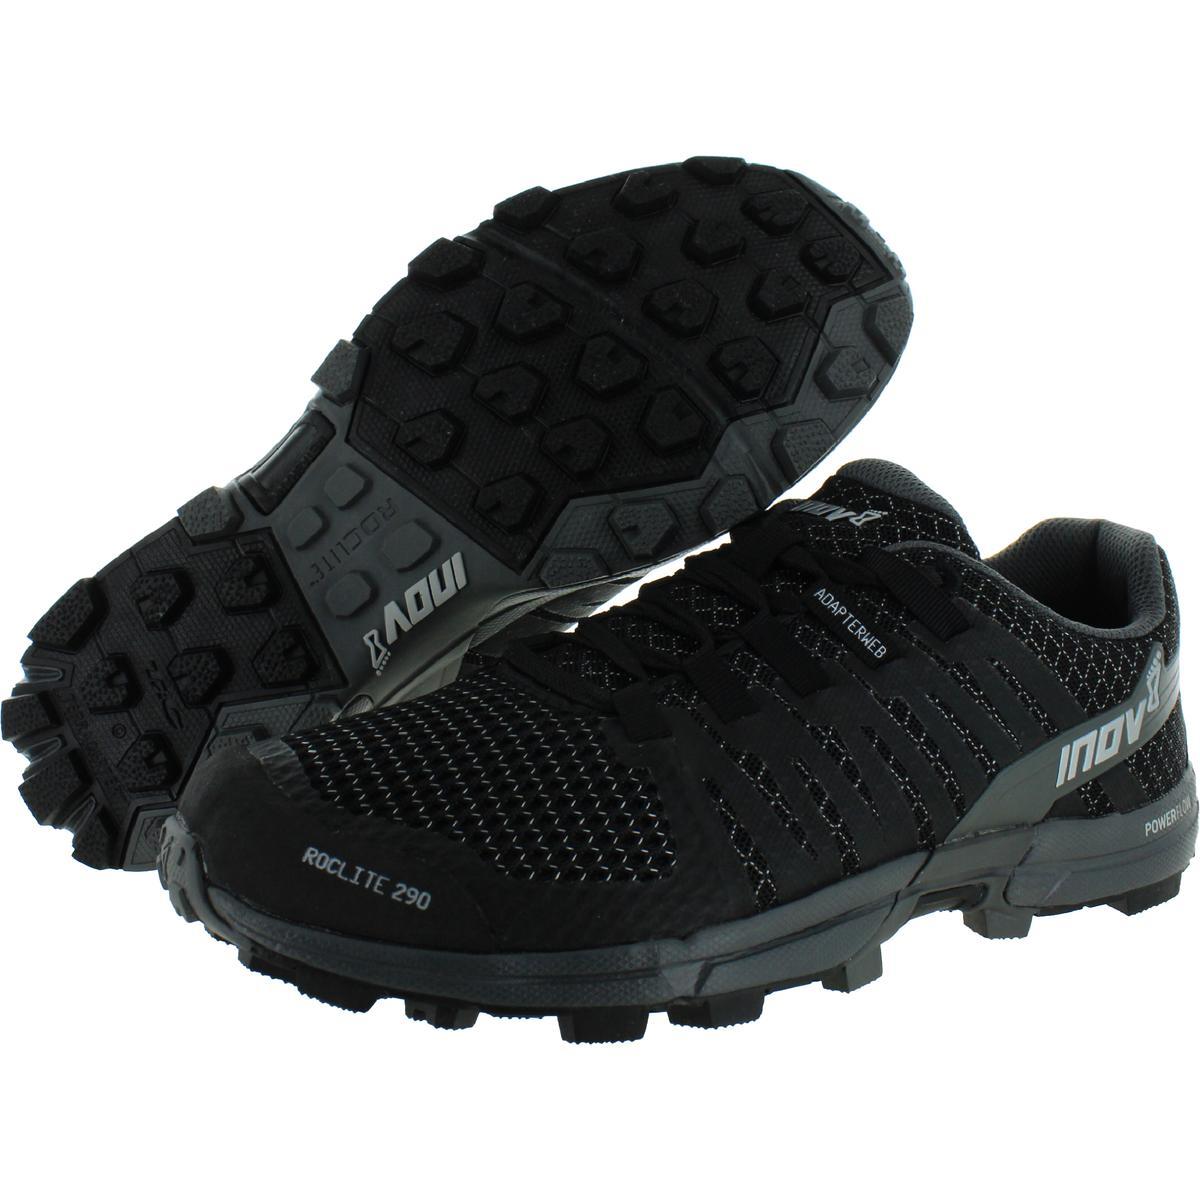 Inov-8-Womens-RocLite-290-Mesh-PowerFlow-Trail-Running-Shoes-Sneakers-BHFO-4522 thumbnail 4